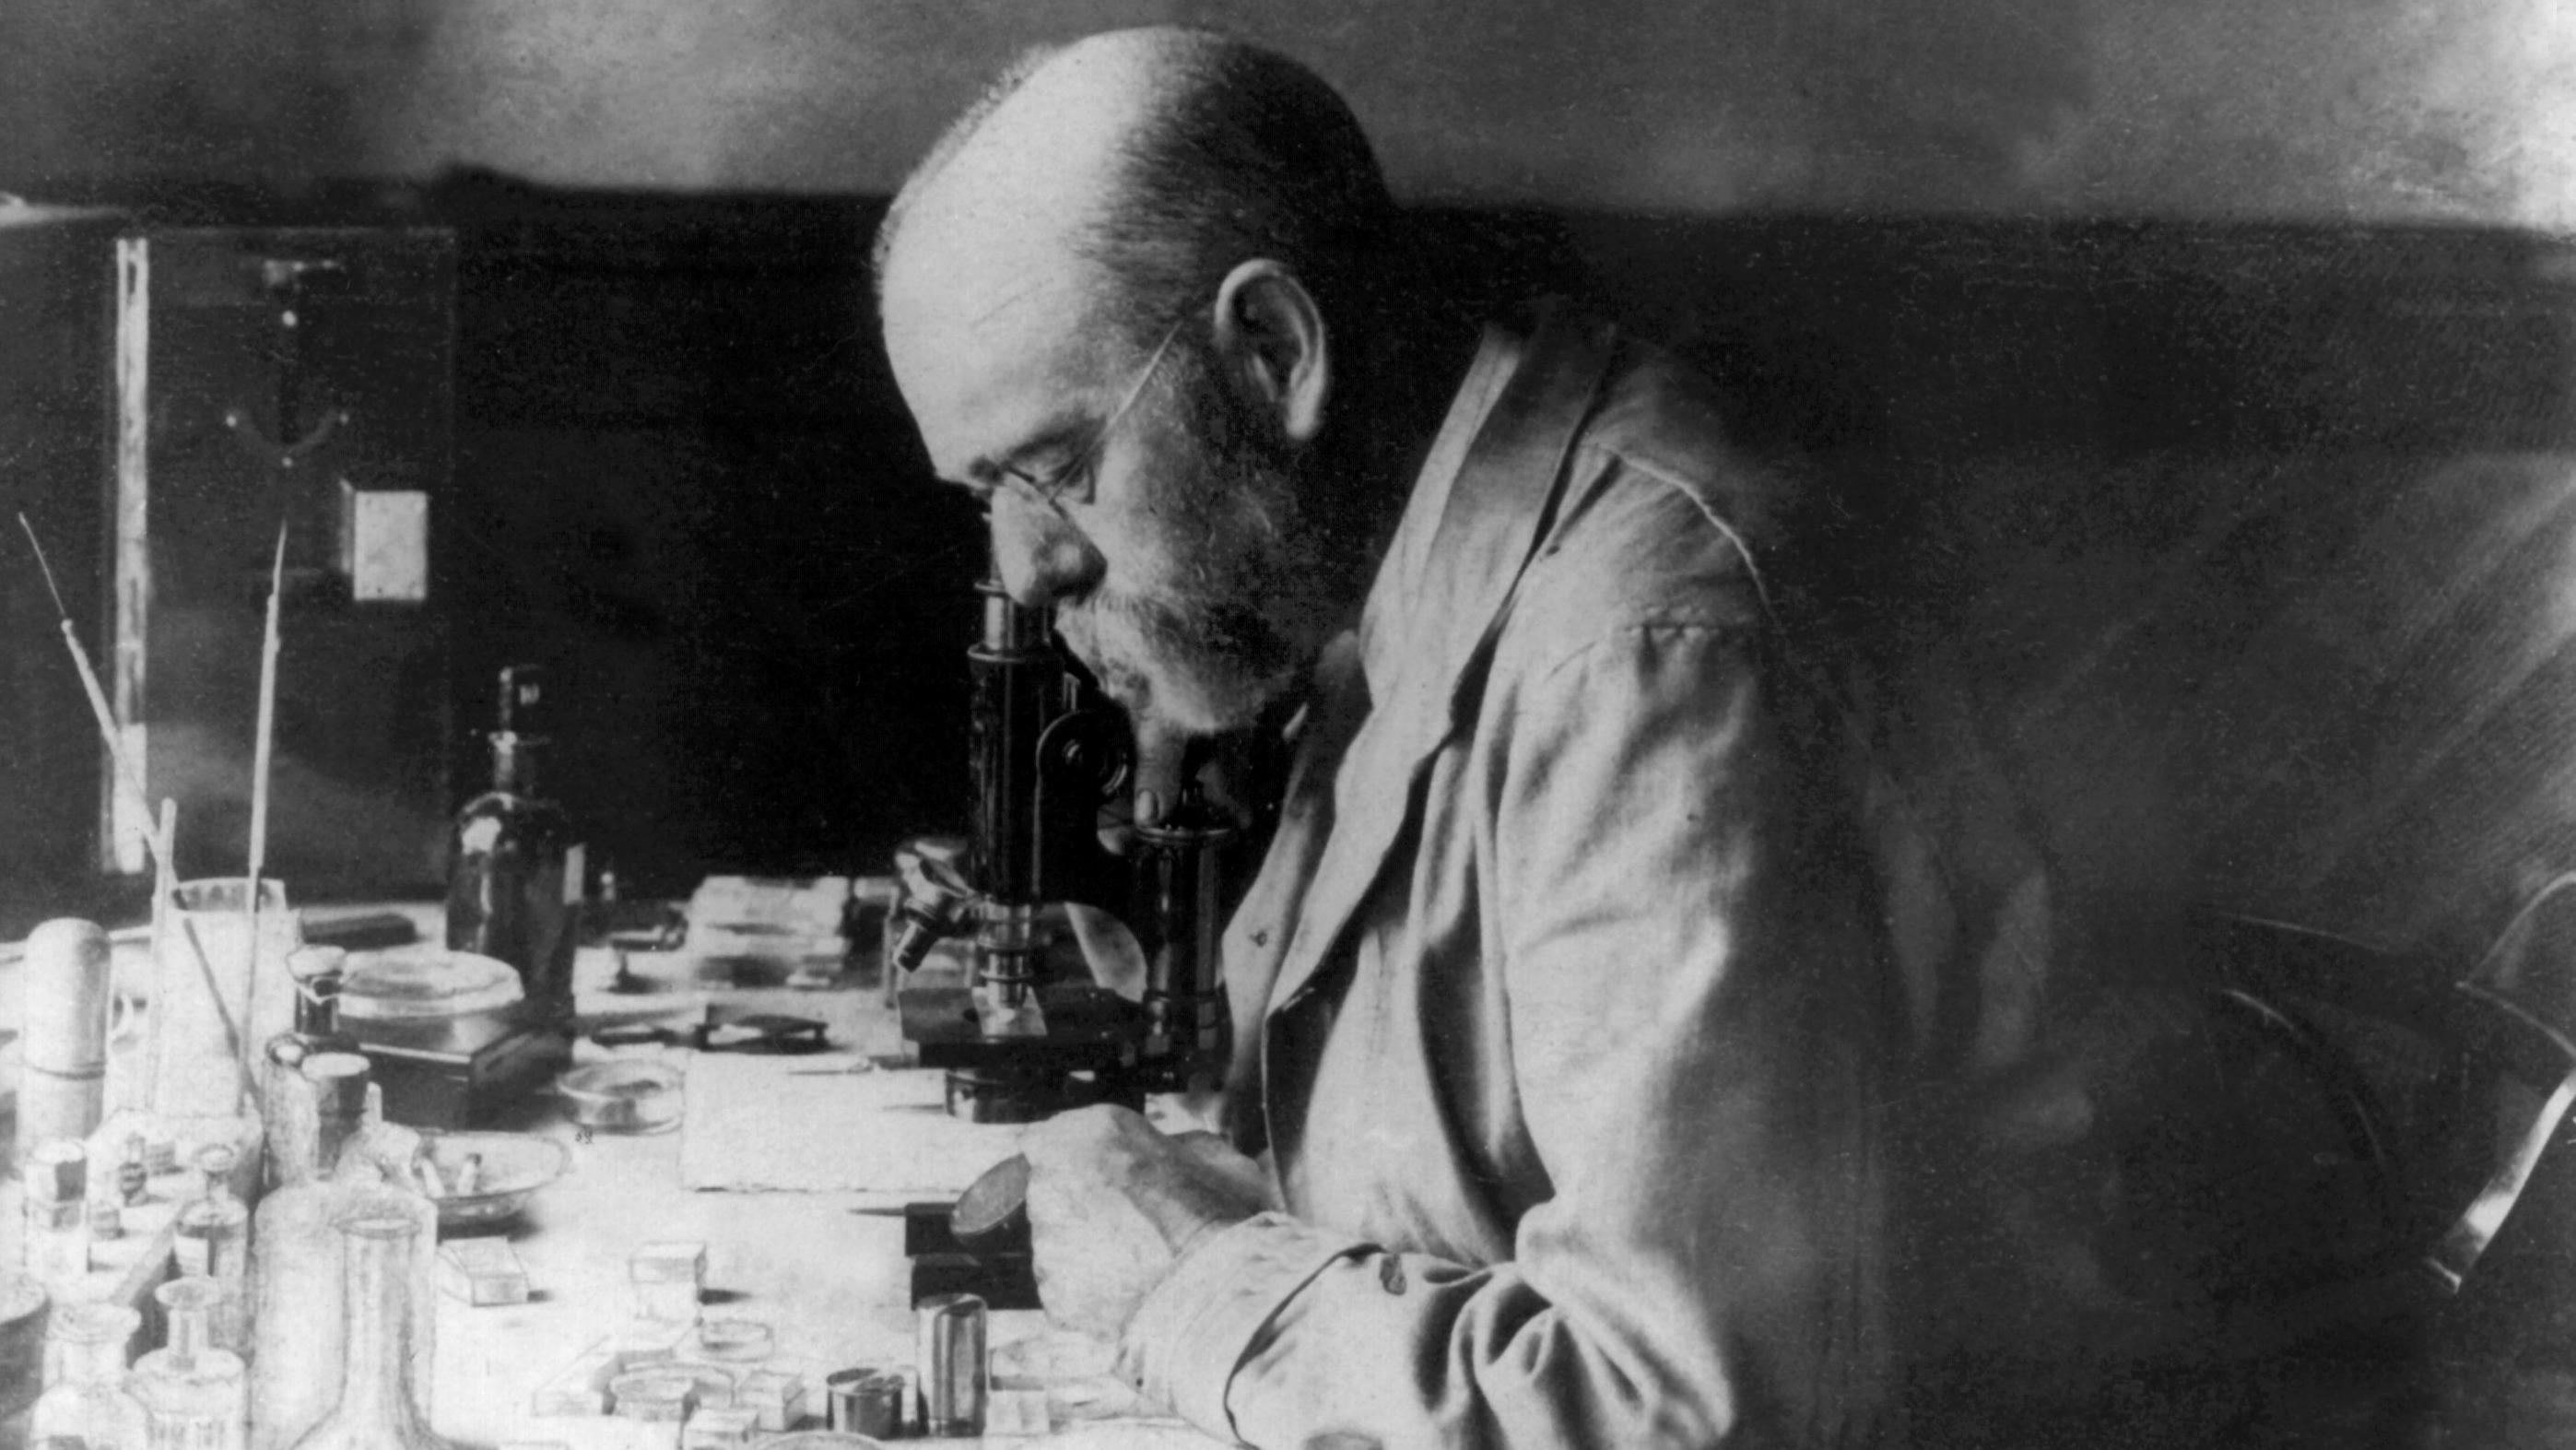 Der deutsche Arzt und Bakteriologe Robert Koch am Mikroskop in seinem Laboratorium in Kimberley in Südafrika im Jahr 1896.